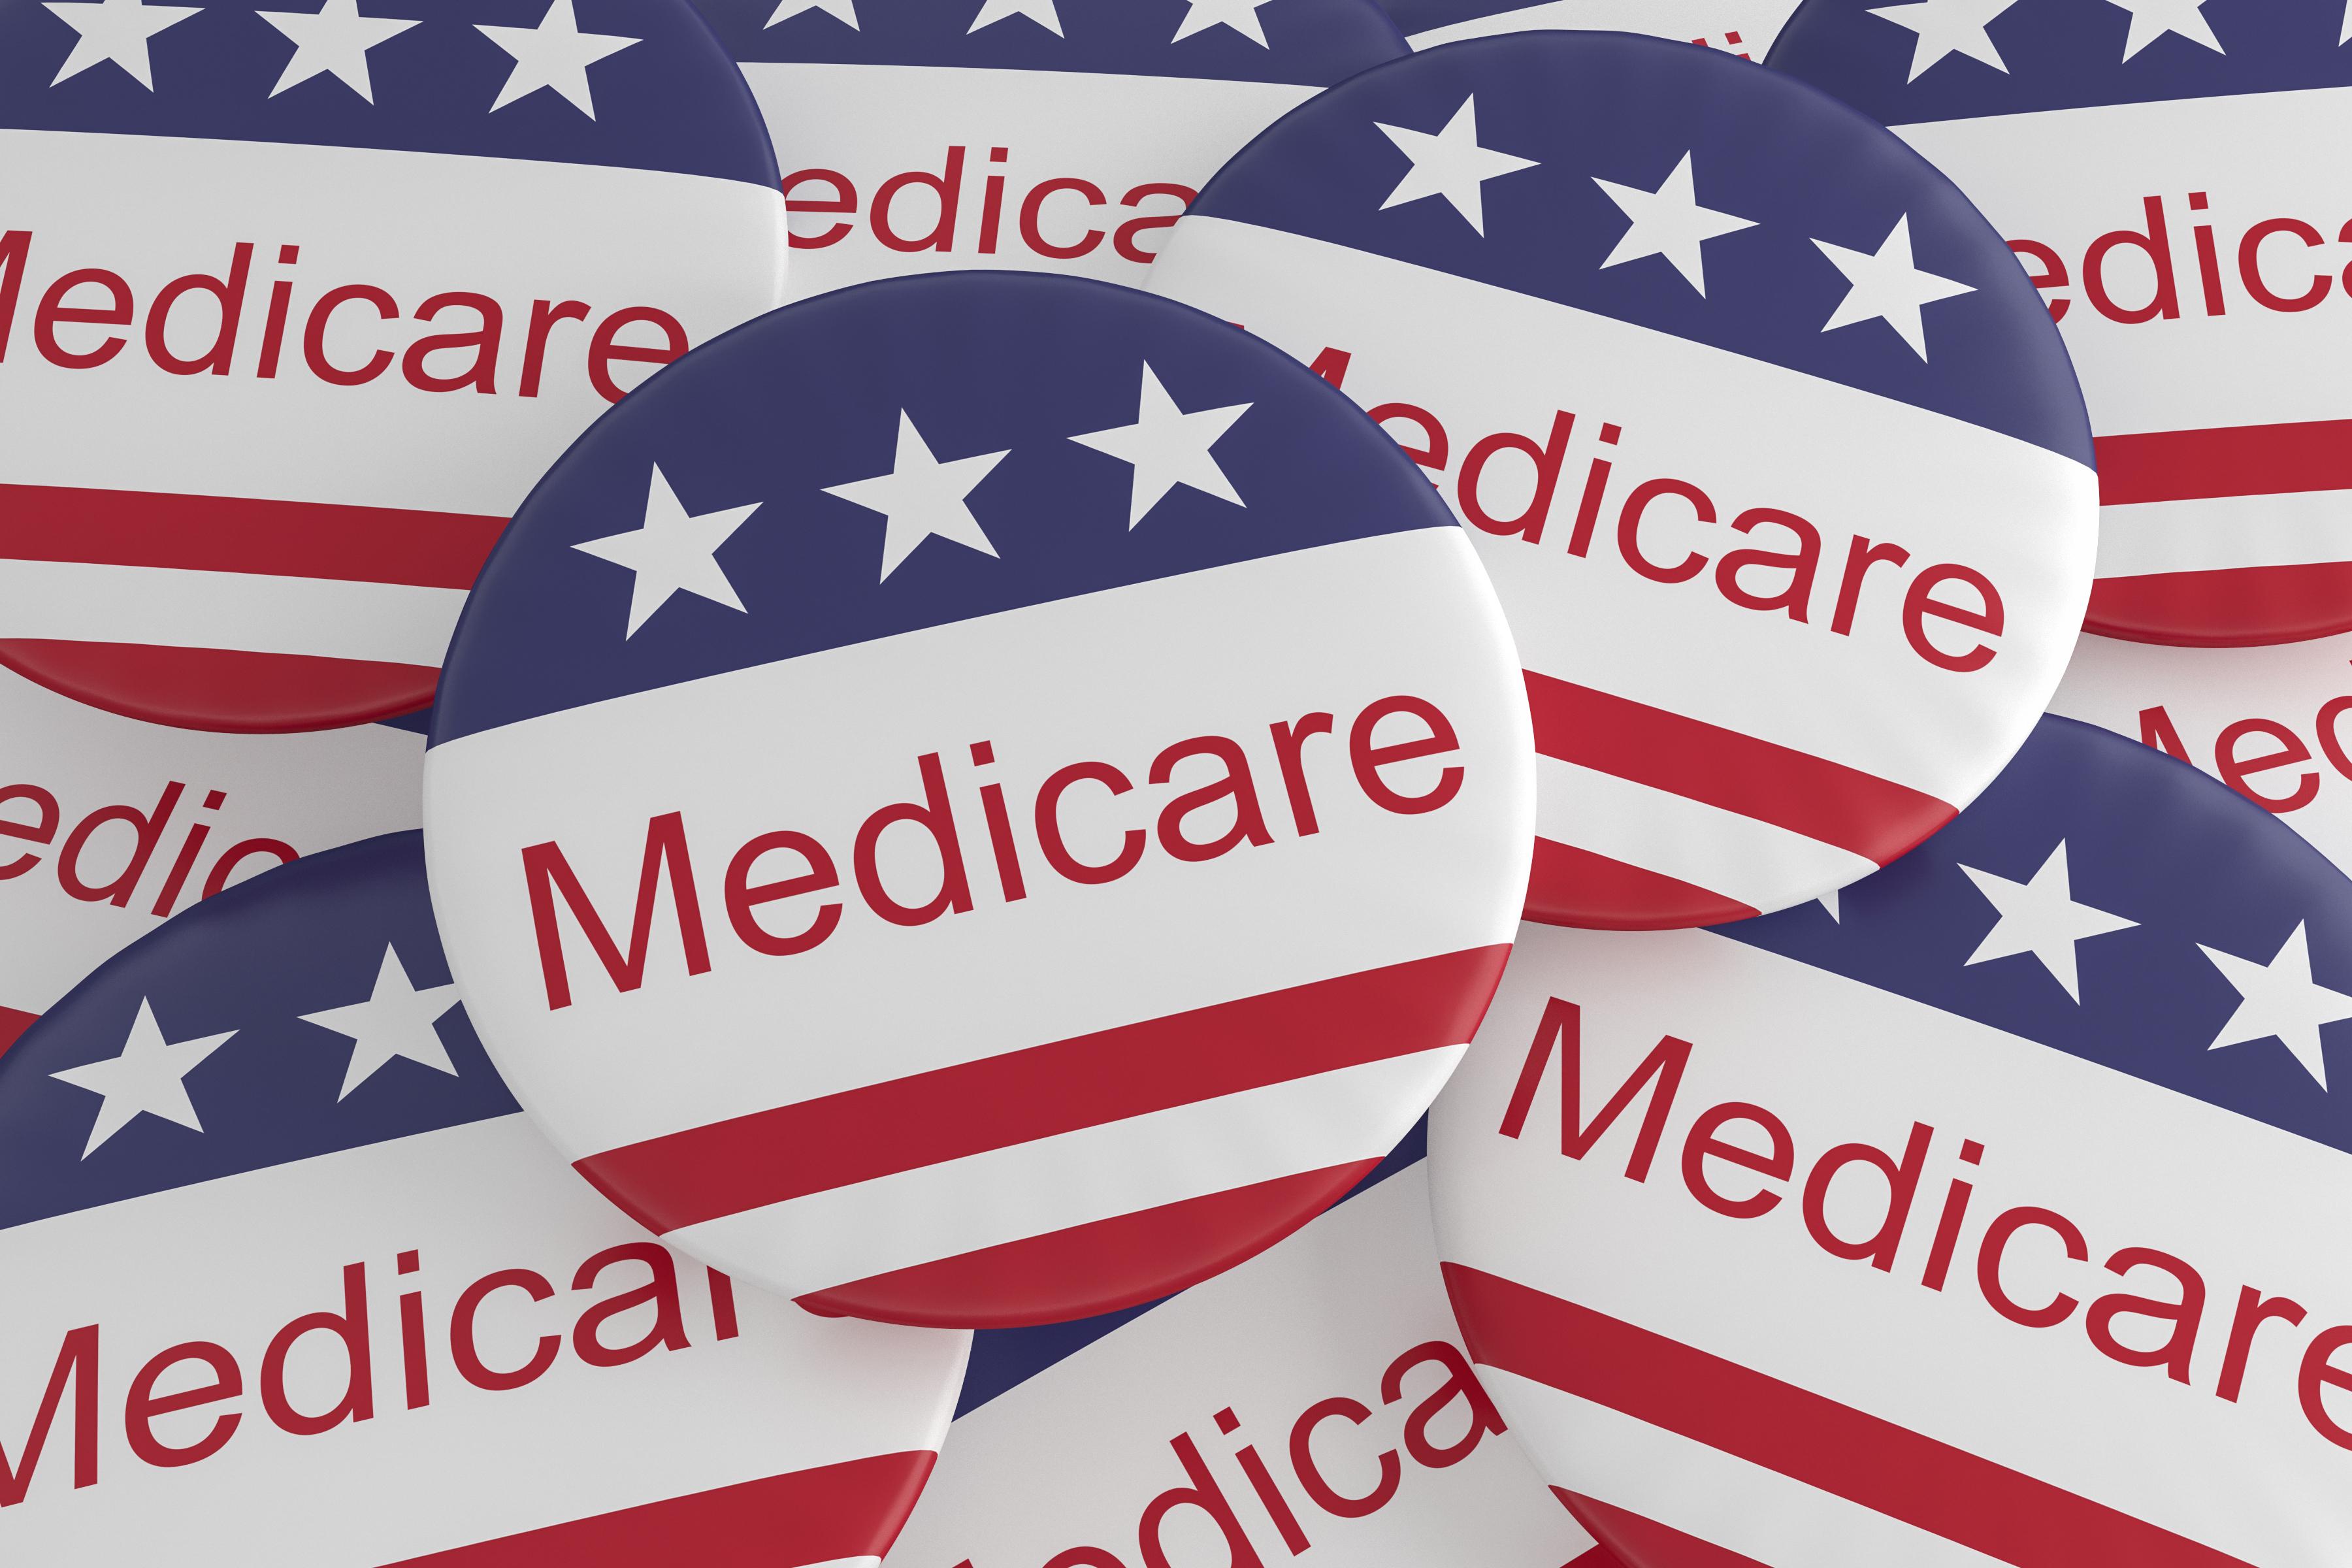 Medicare: Parts A, B, C, & D